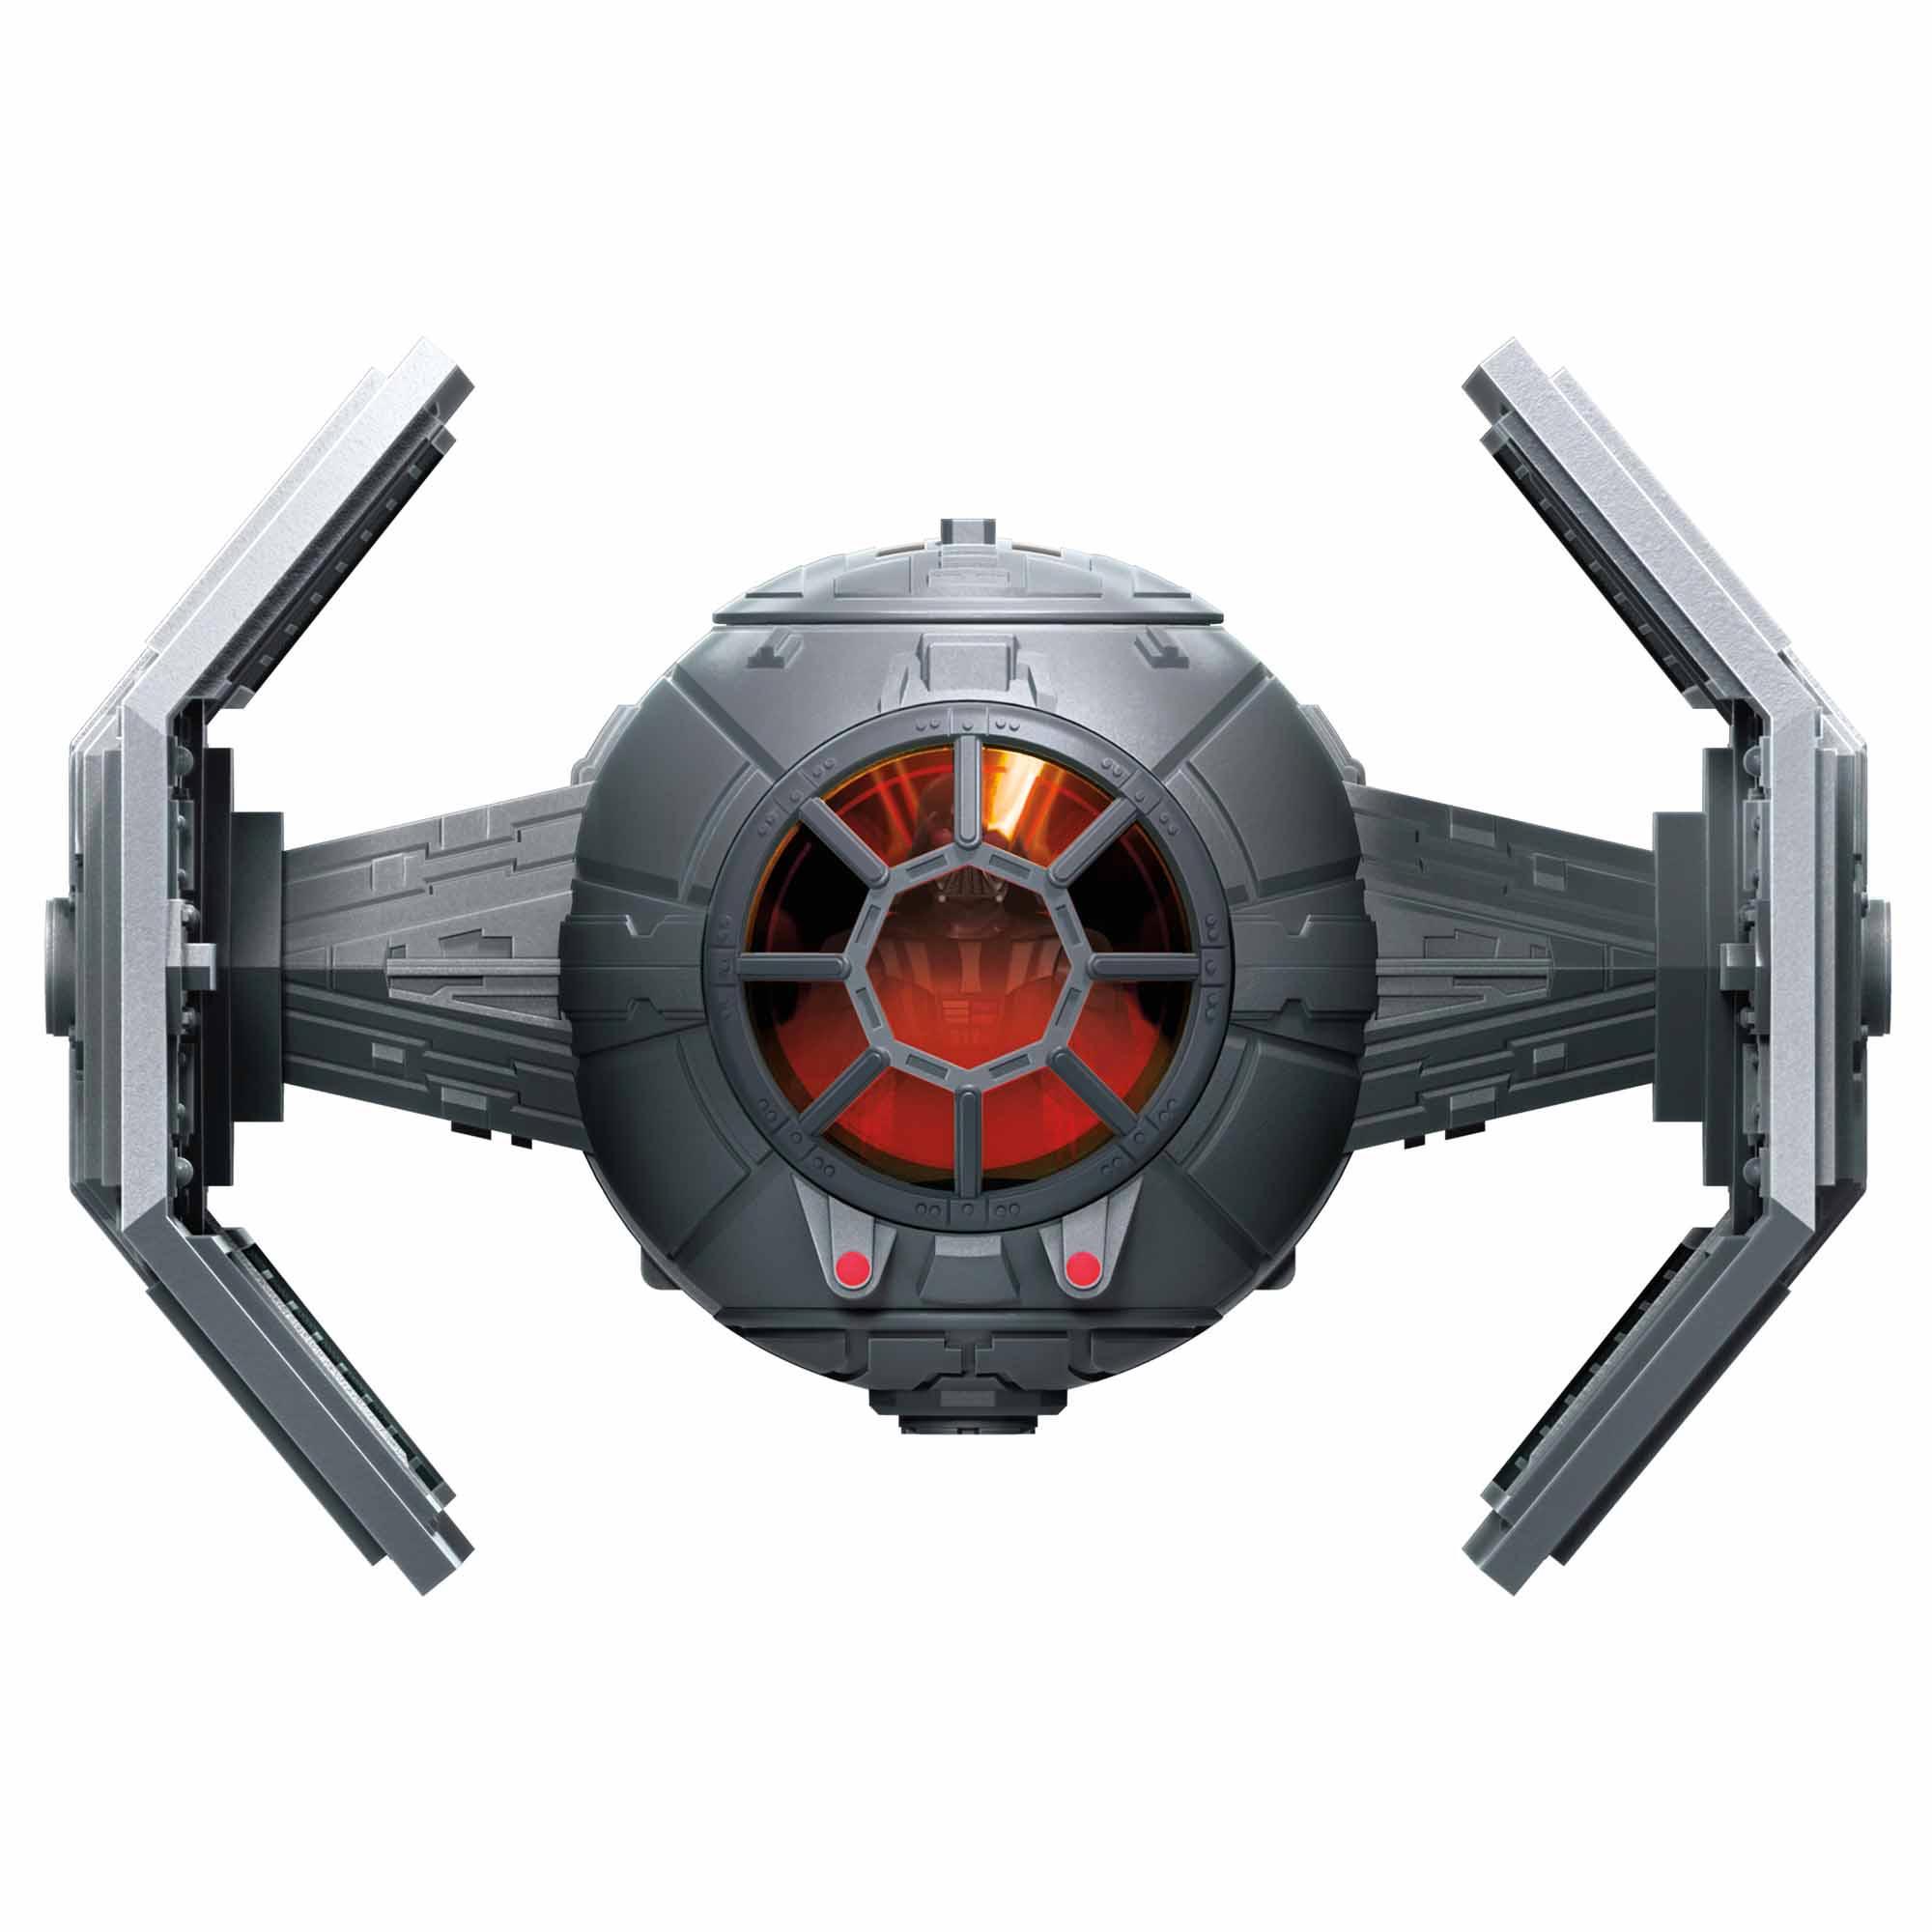 TIE Avanzado de Darth Vader de Star Wars Mission Fleet Stellar Class